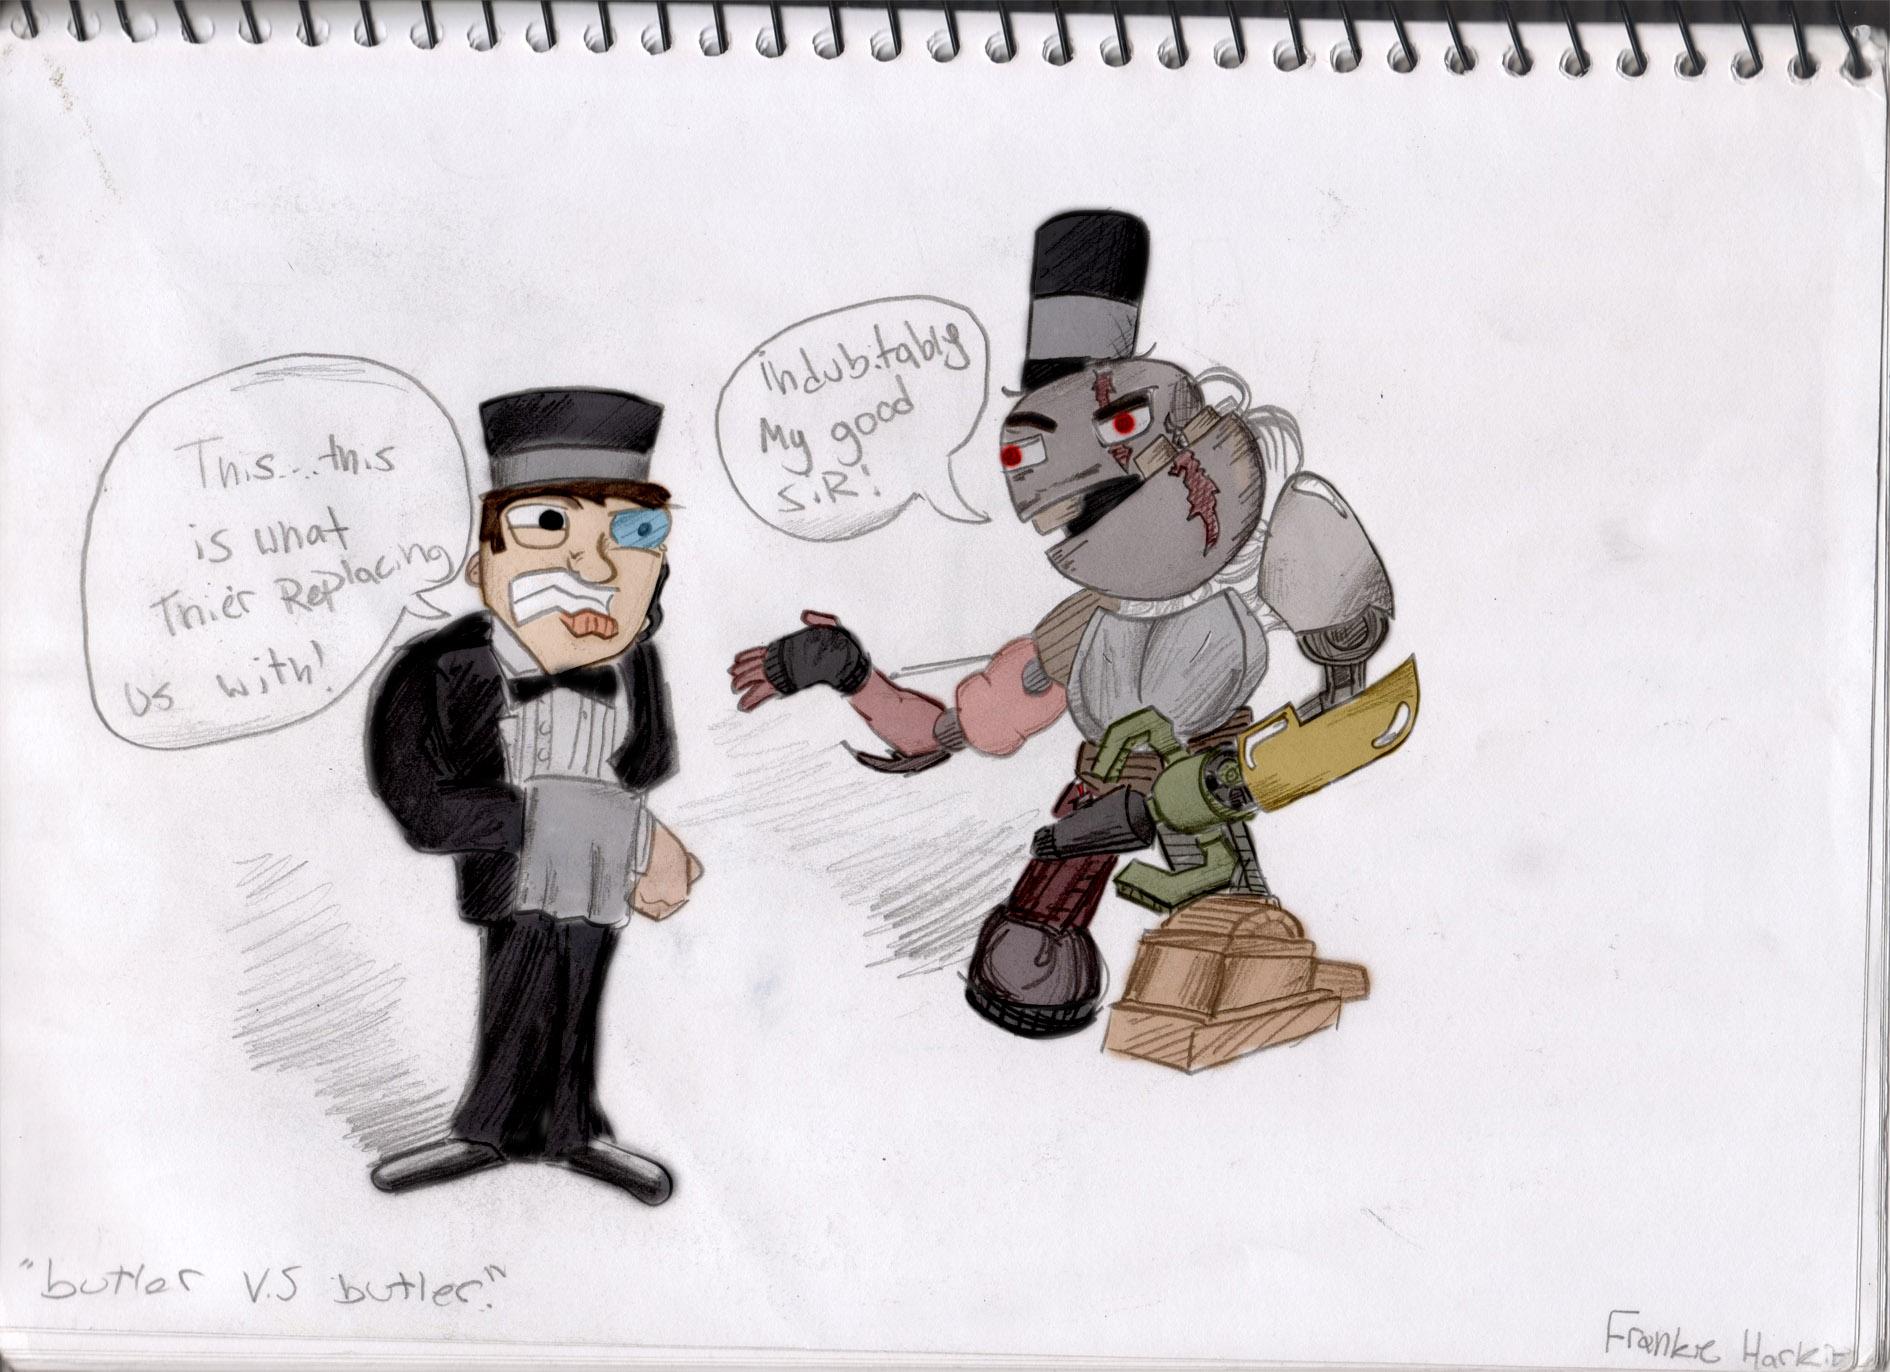 Butler v.s Butler